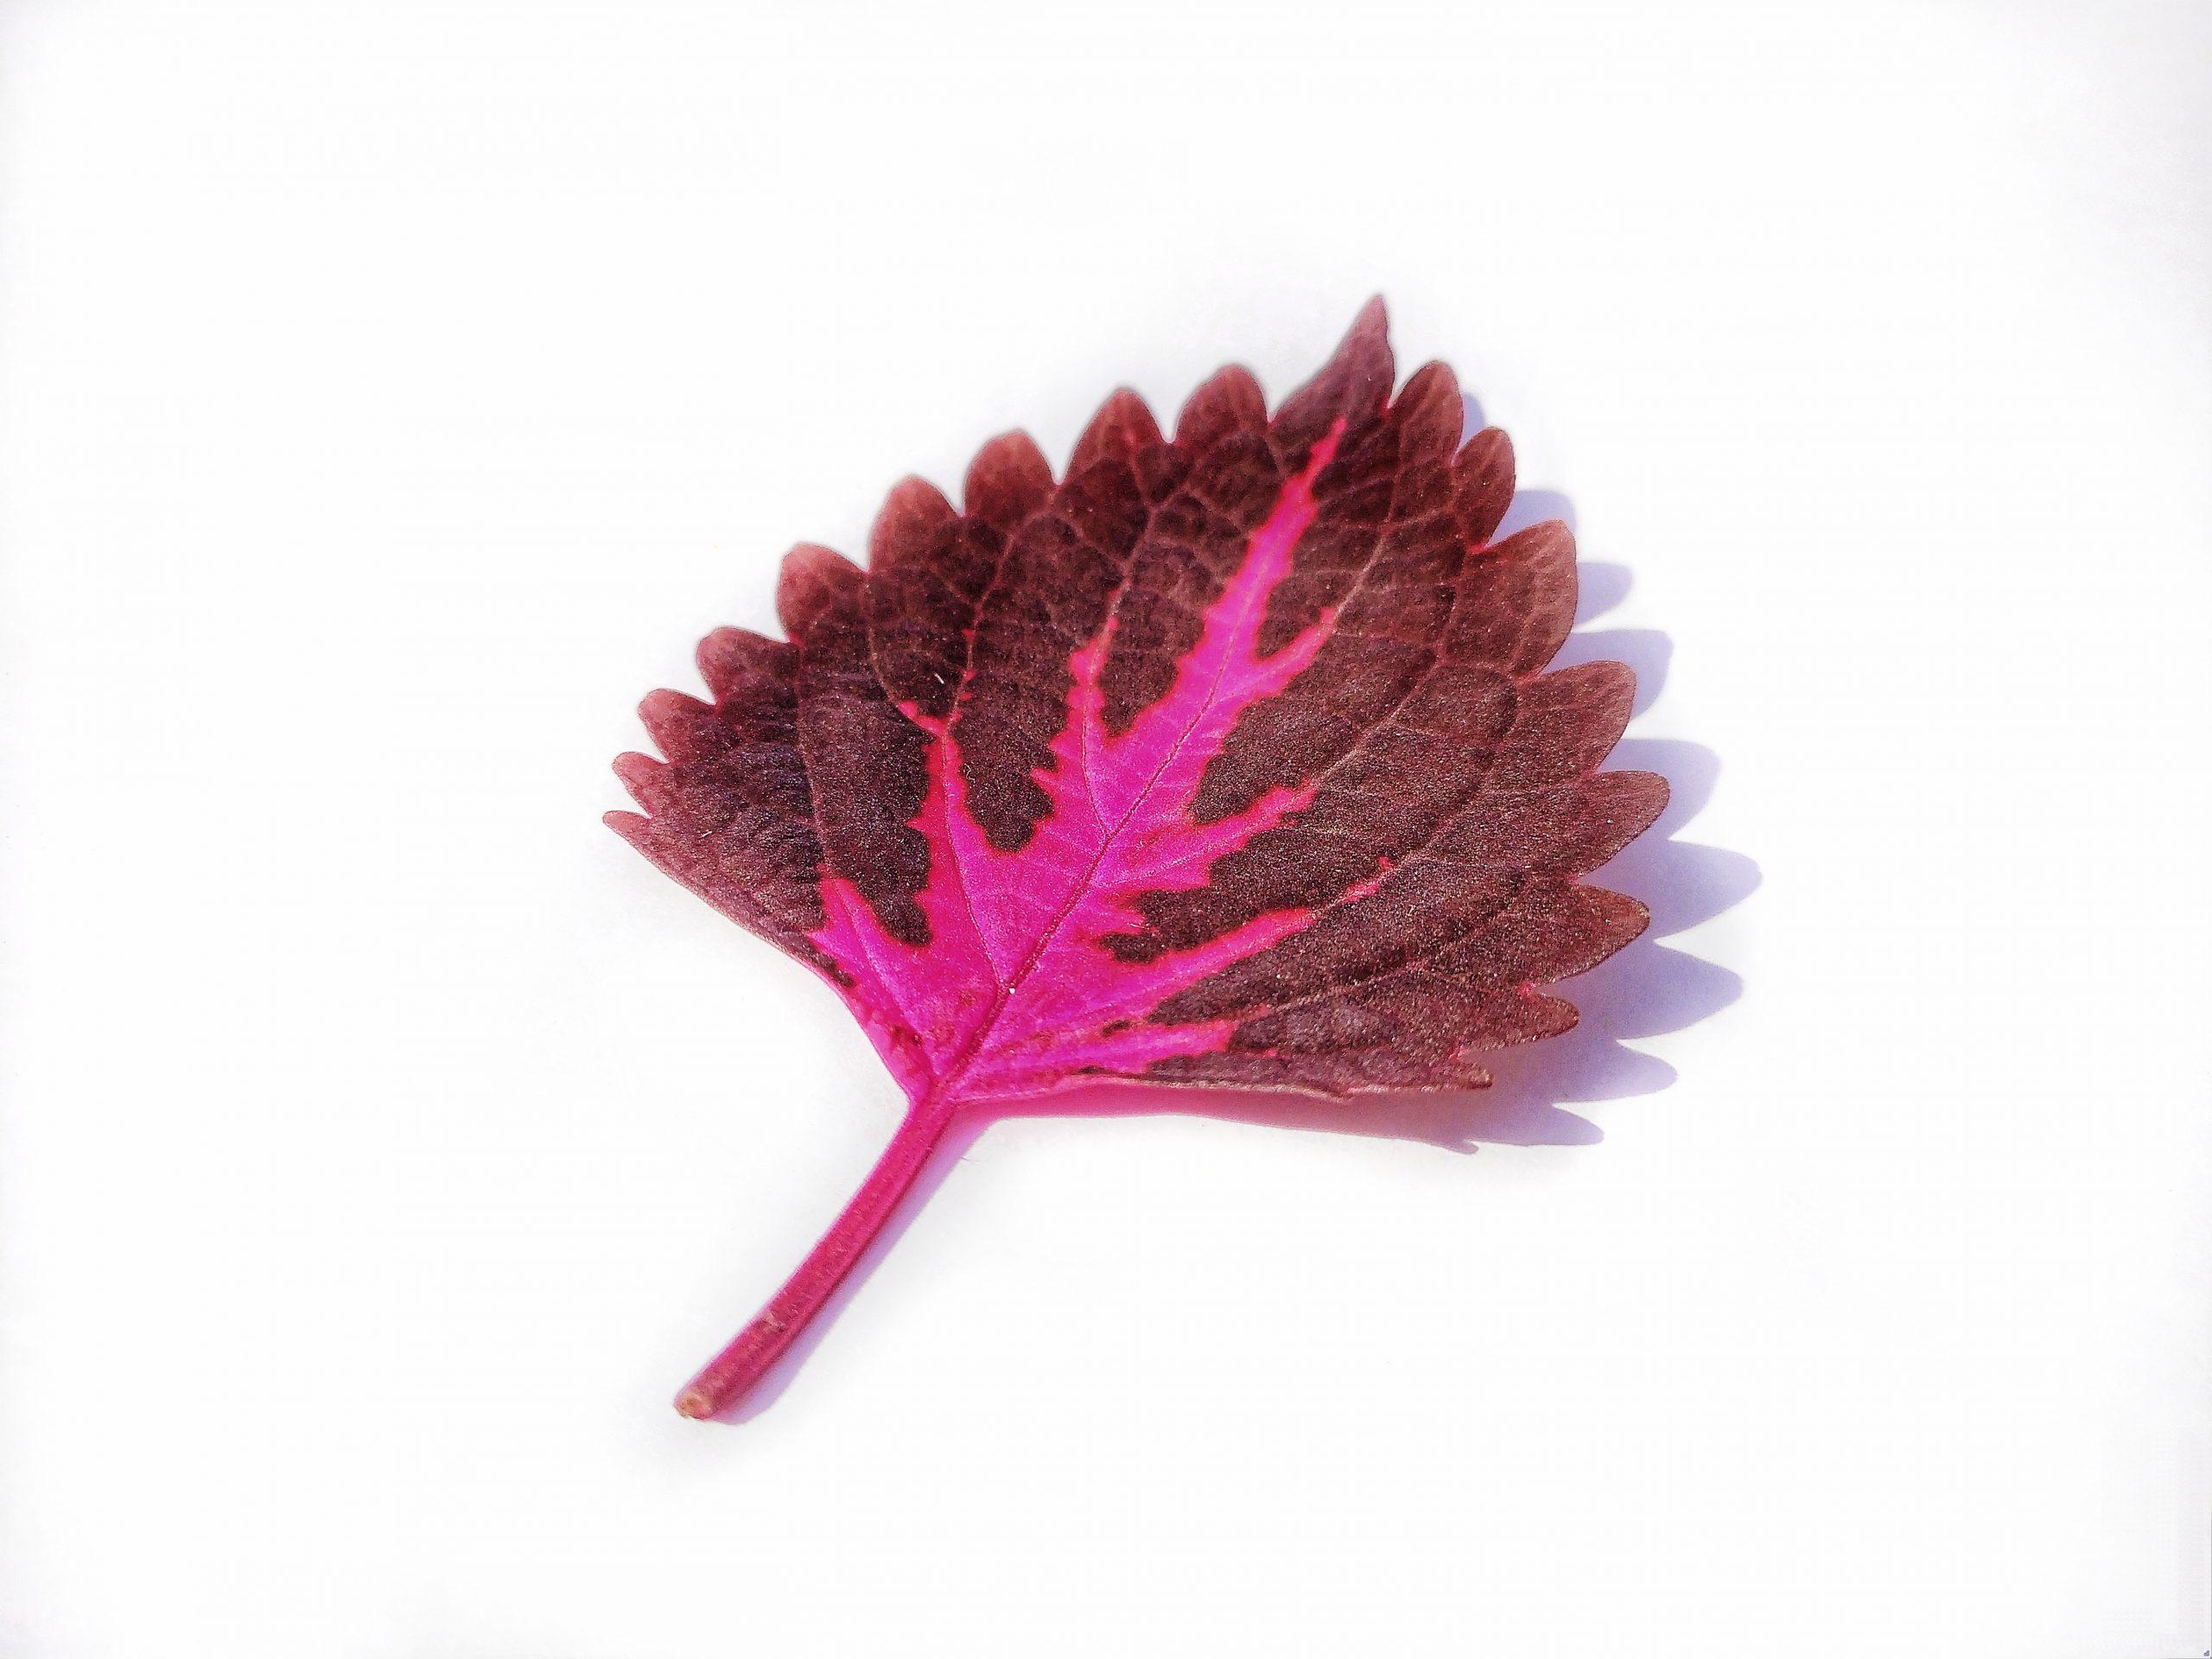 Coleus plant leaf